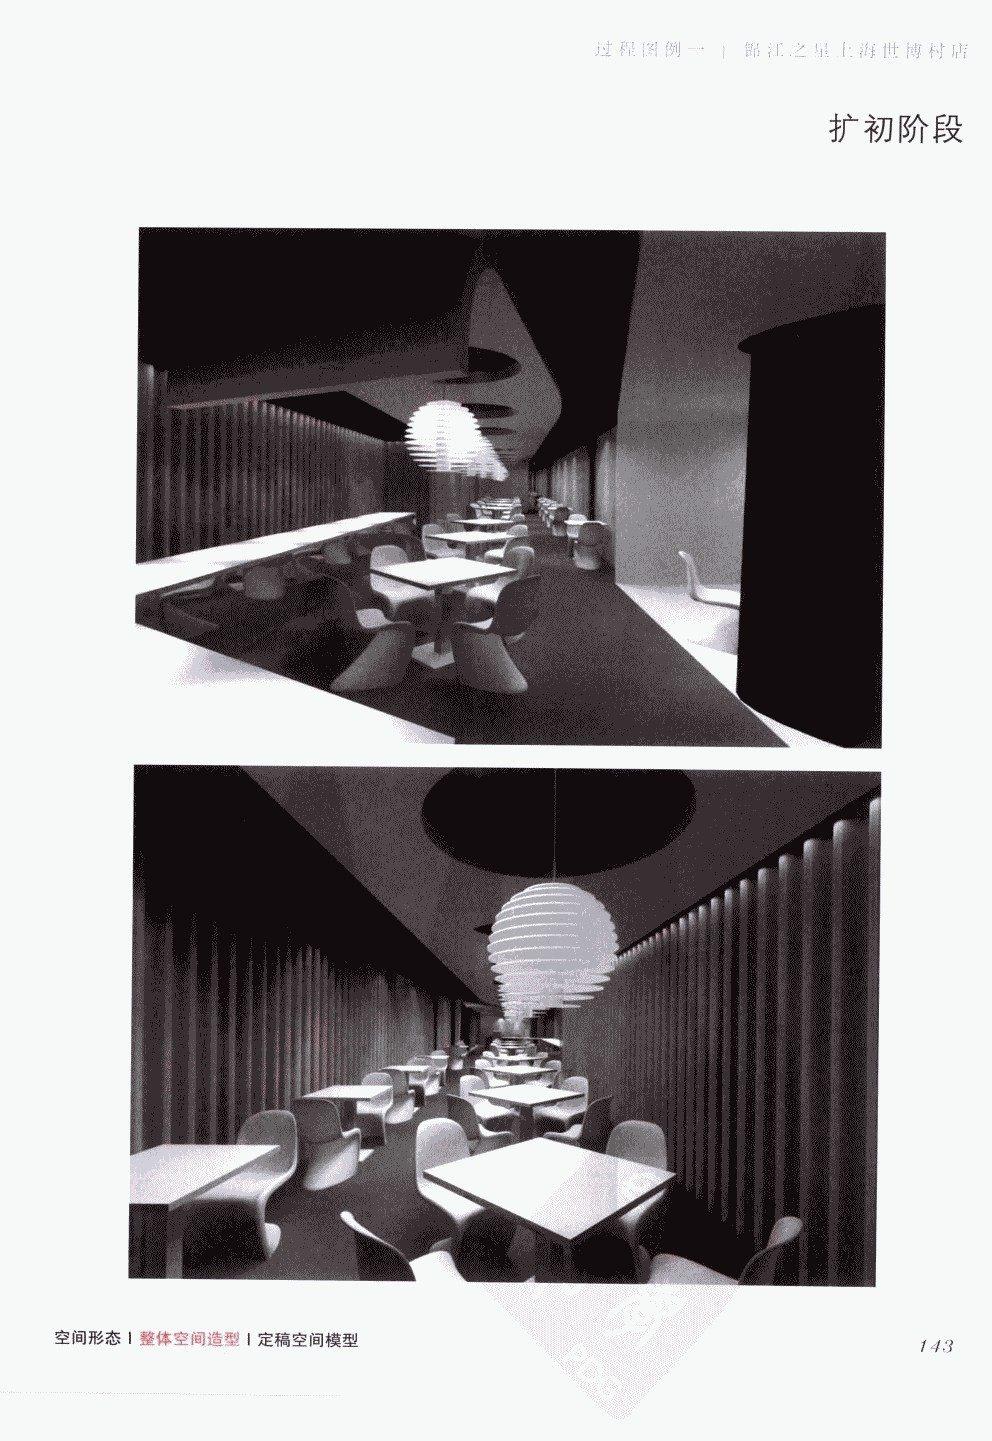 室内设计纲要++概念思考与过程表达_室内设计纲要  概念思考与过程表达_1297982..._页面_151.jpg